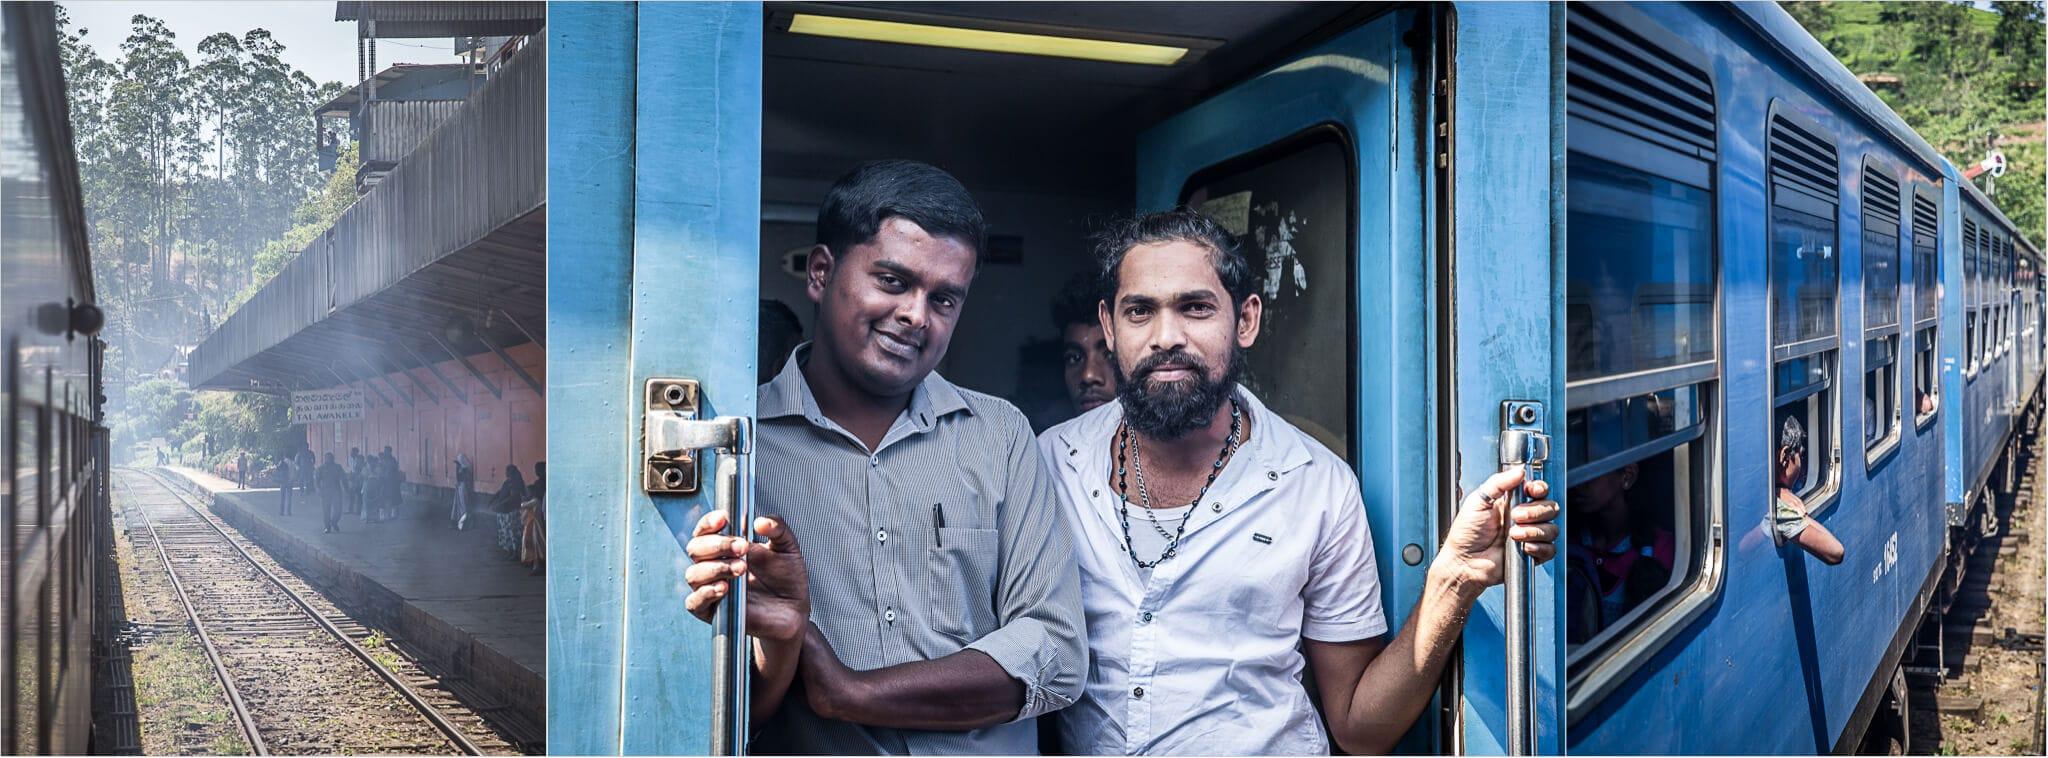 Zwei Männer im Zug von Sri Lanka in Ella